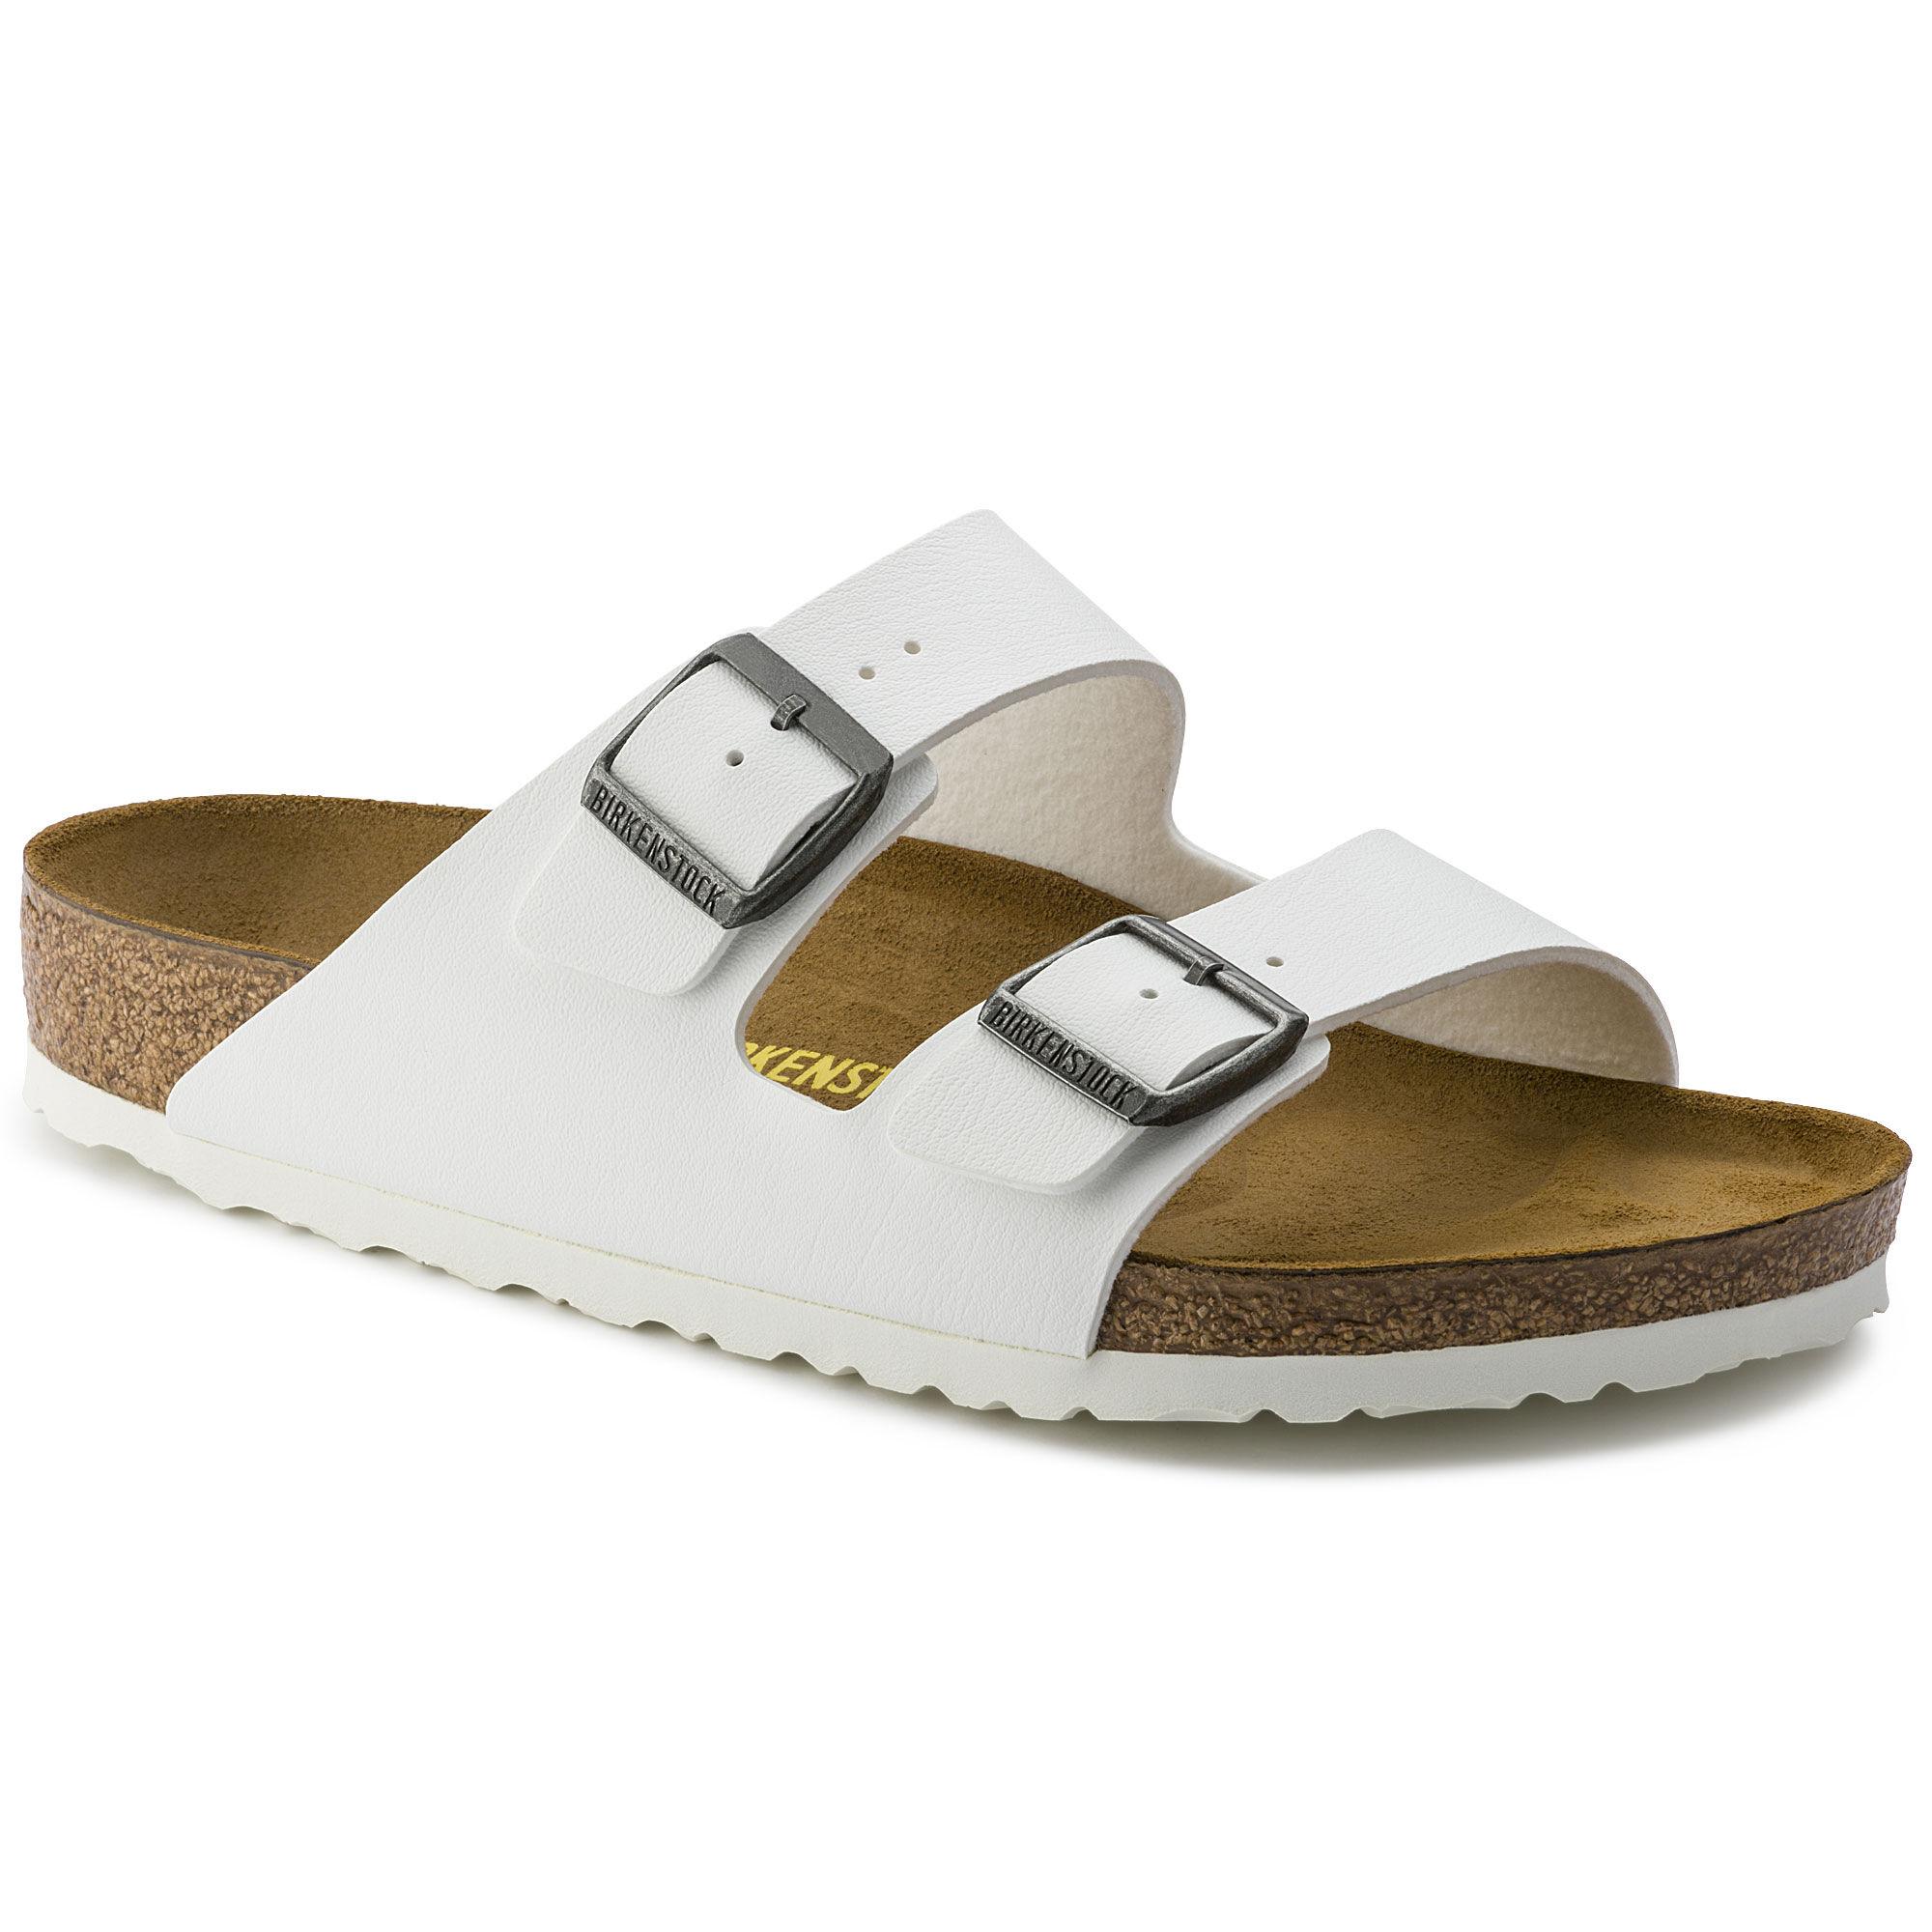 Mens Arizona White Birko-Flor Sandals 41 EU